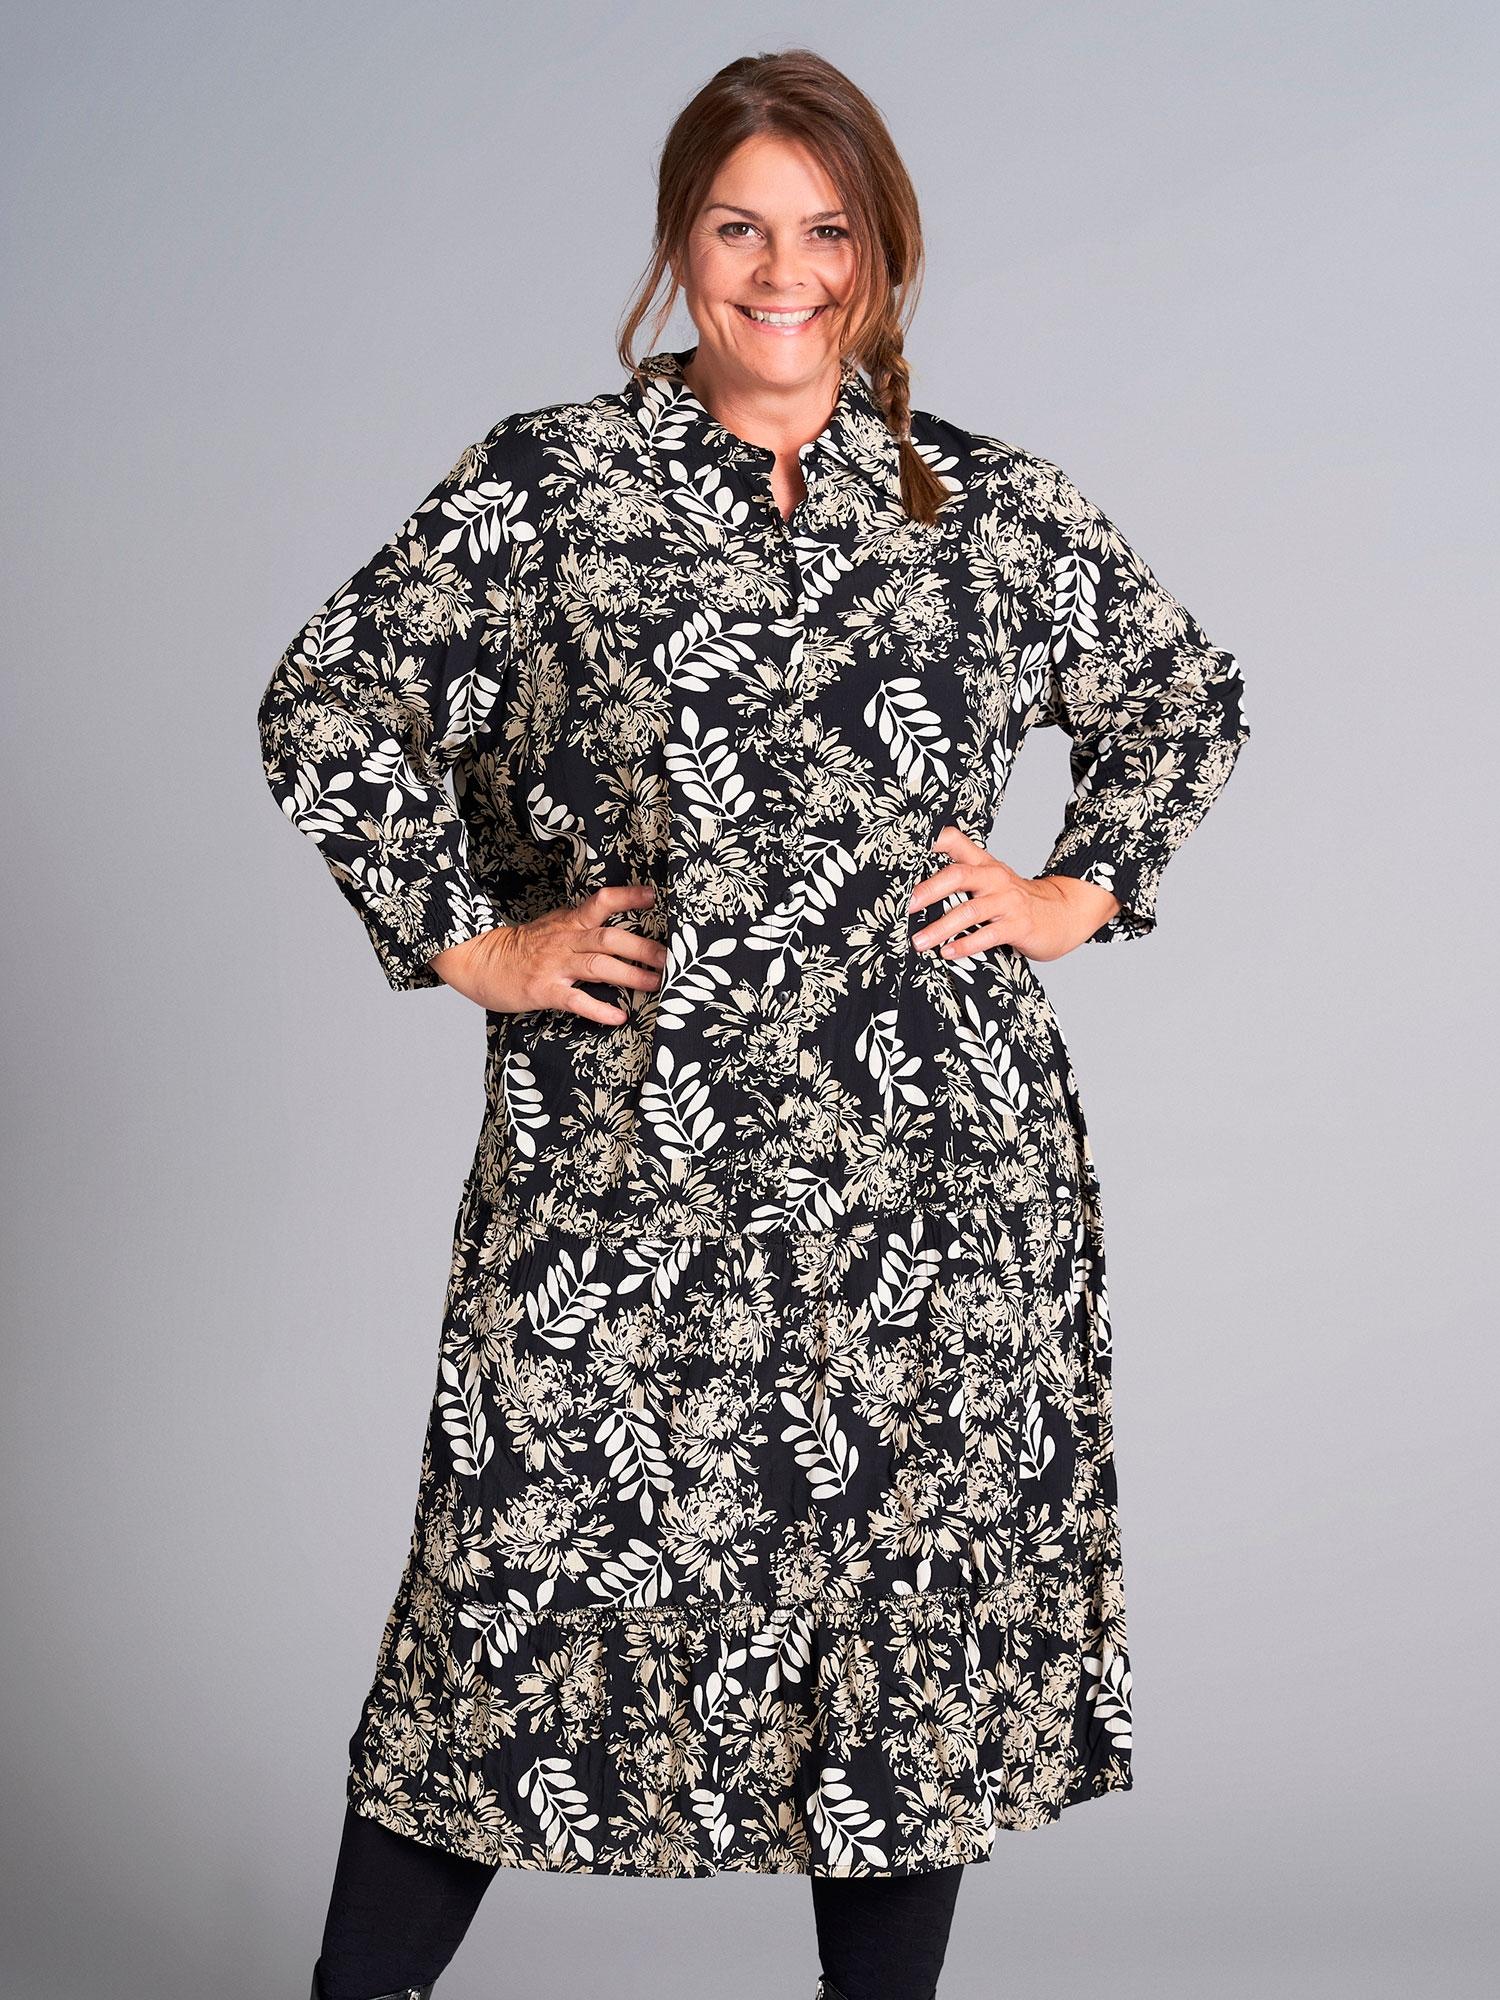 Gozzip Lang sort viskose kjole med lyst print, 42-44 / S